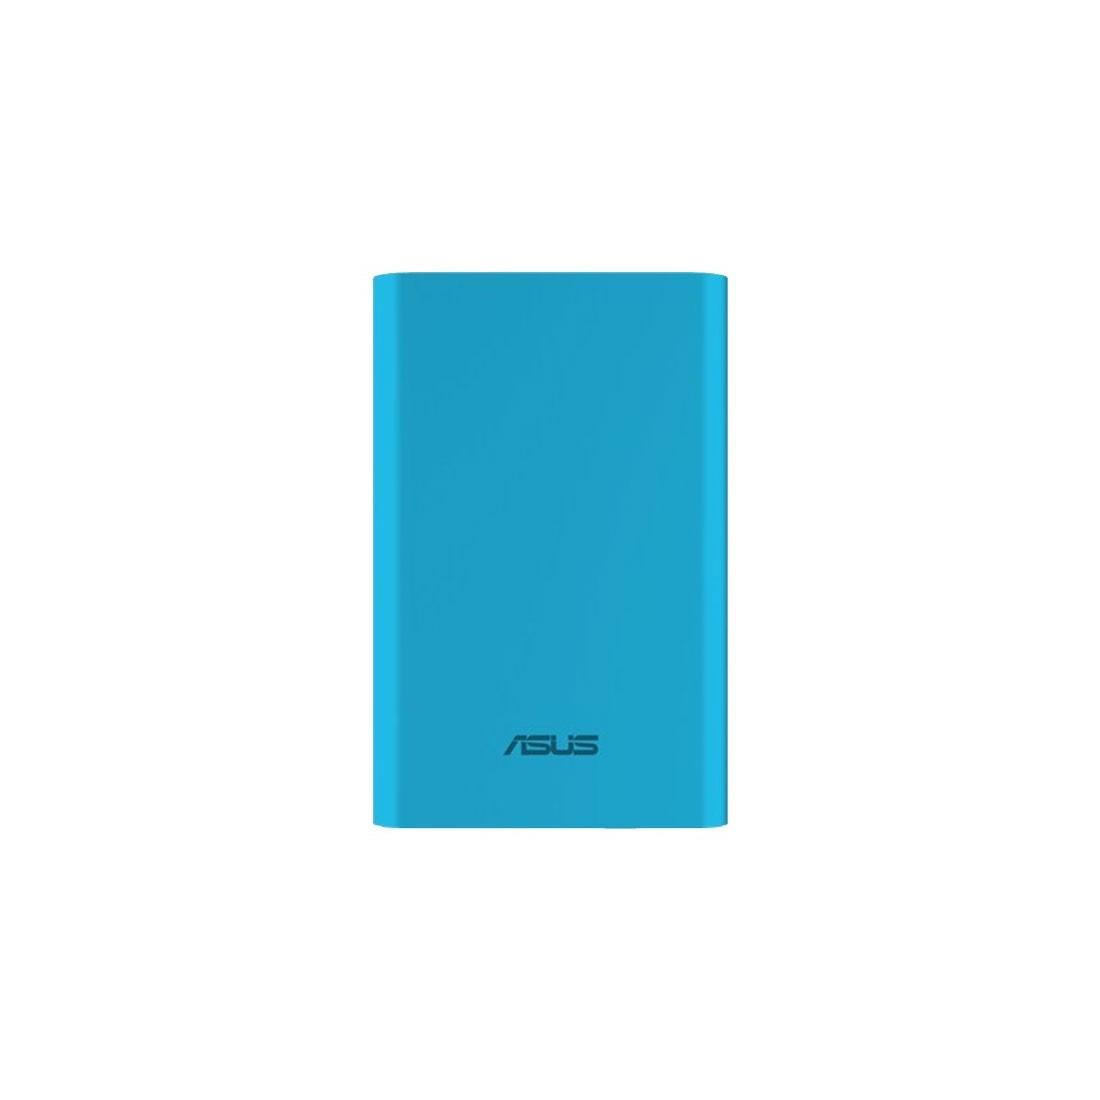 Мобильный аккумулятор Asus ZenPower ABTU005 Li-Ion 10050mAh, 2.4A, 1xUSB, 90AC00P0-BBT029/79, синий аккумулятор asus zenpower ultra 20100mah silver 90ac00m0 bbt020